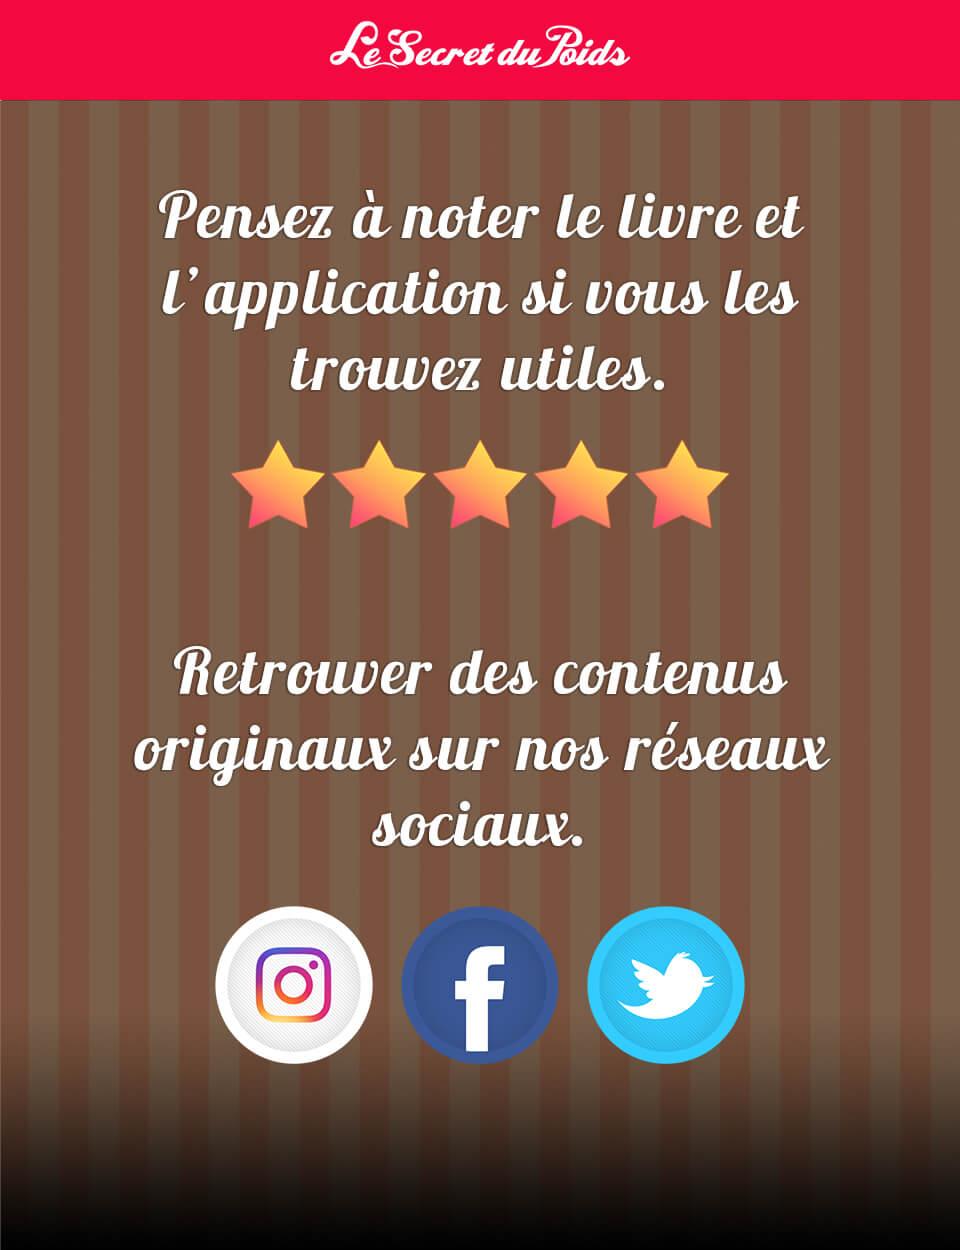 L'application Le Secret du Poids (LSDP) - Iphone, Ipad, Android